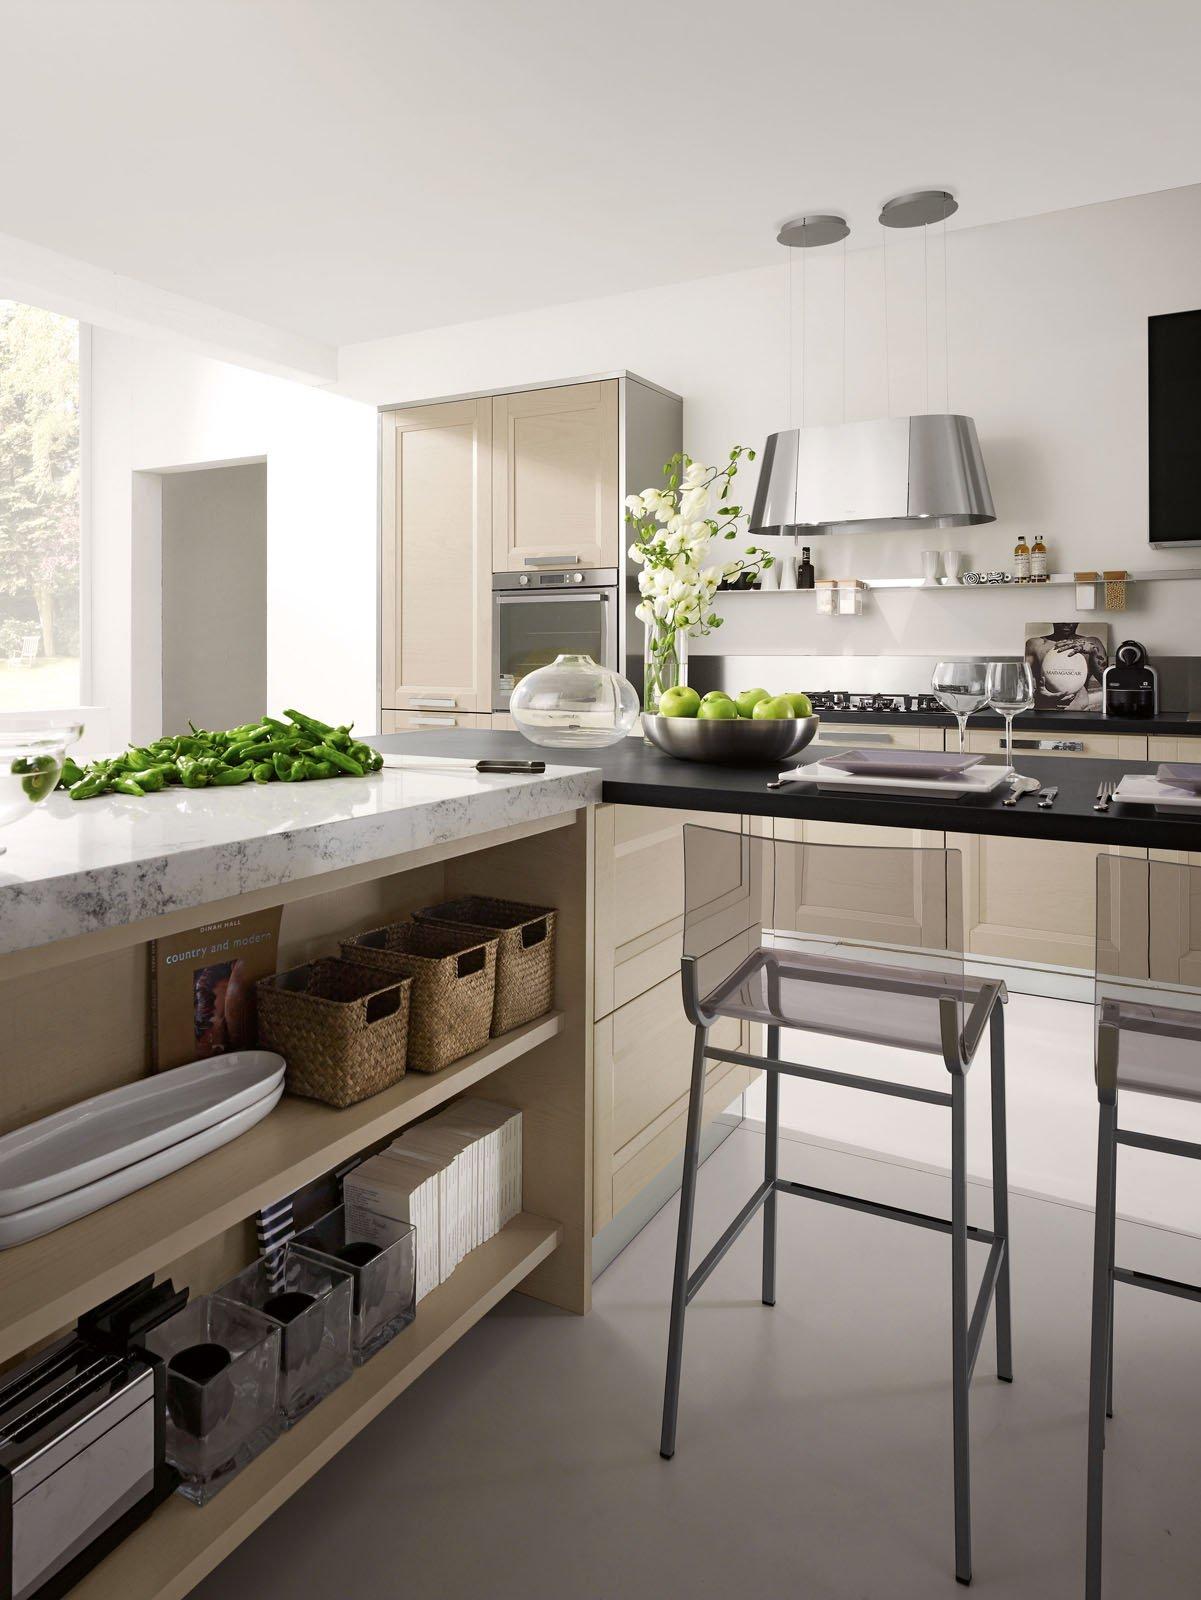 Di Stosa Cucine è Proposta Nella Finitura Anta Legno Canapa Con  #476518 1201 1600 Cucine Classiche Con Isola